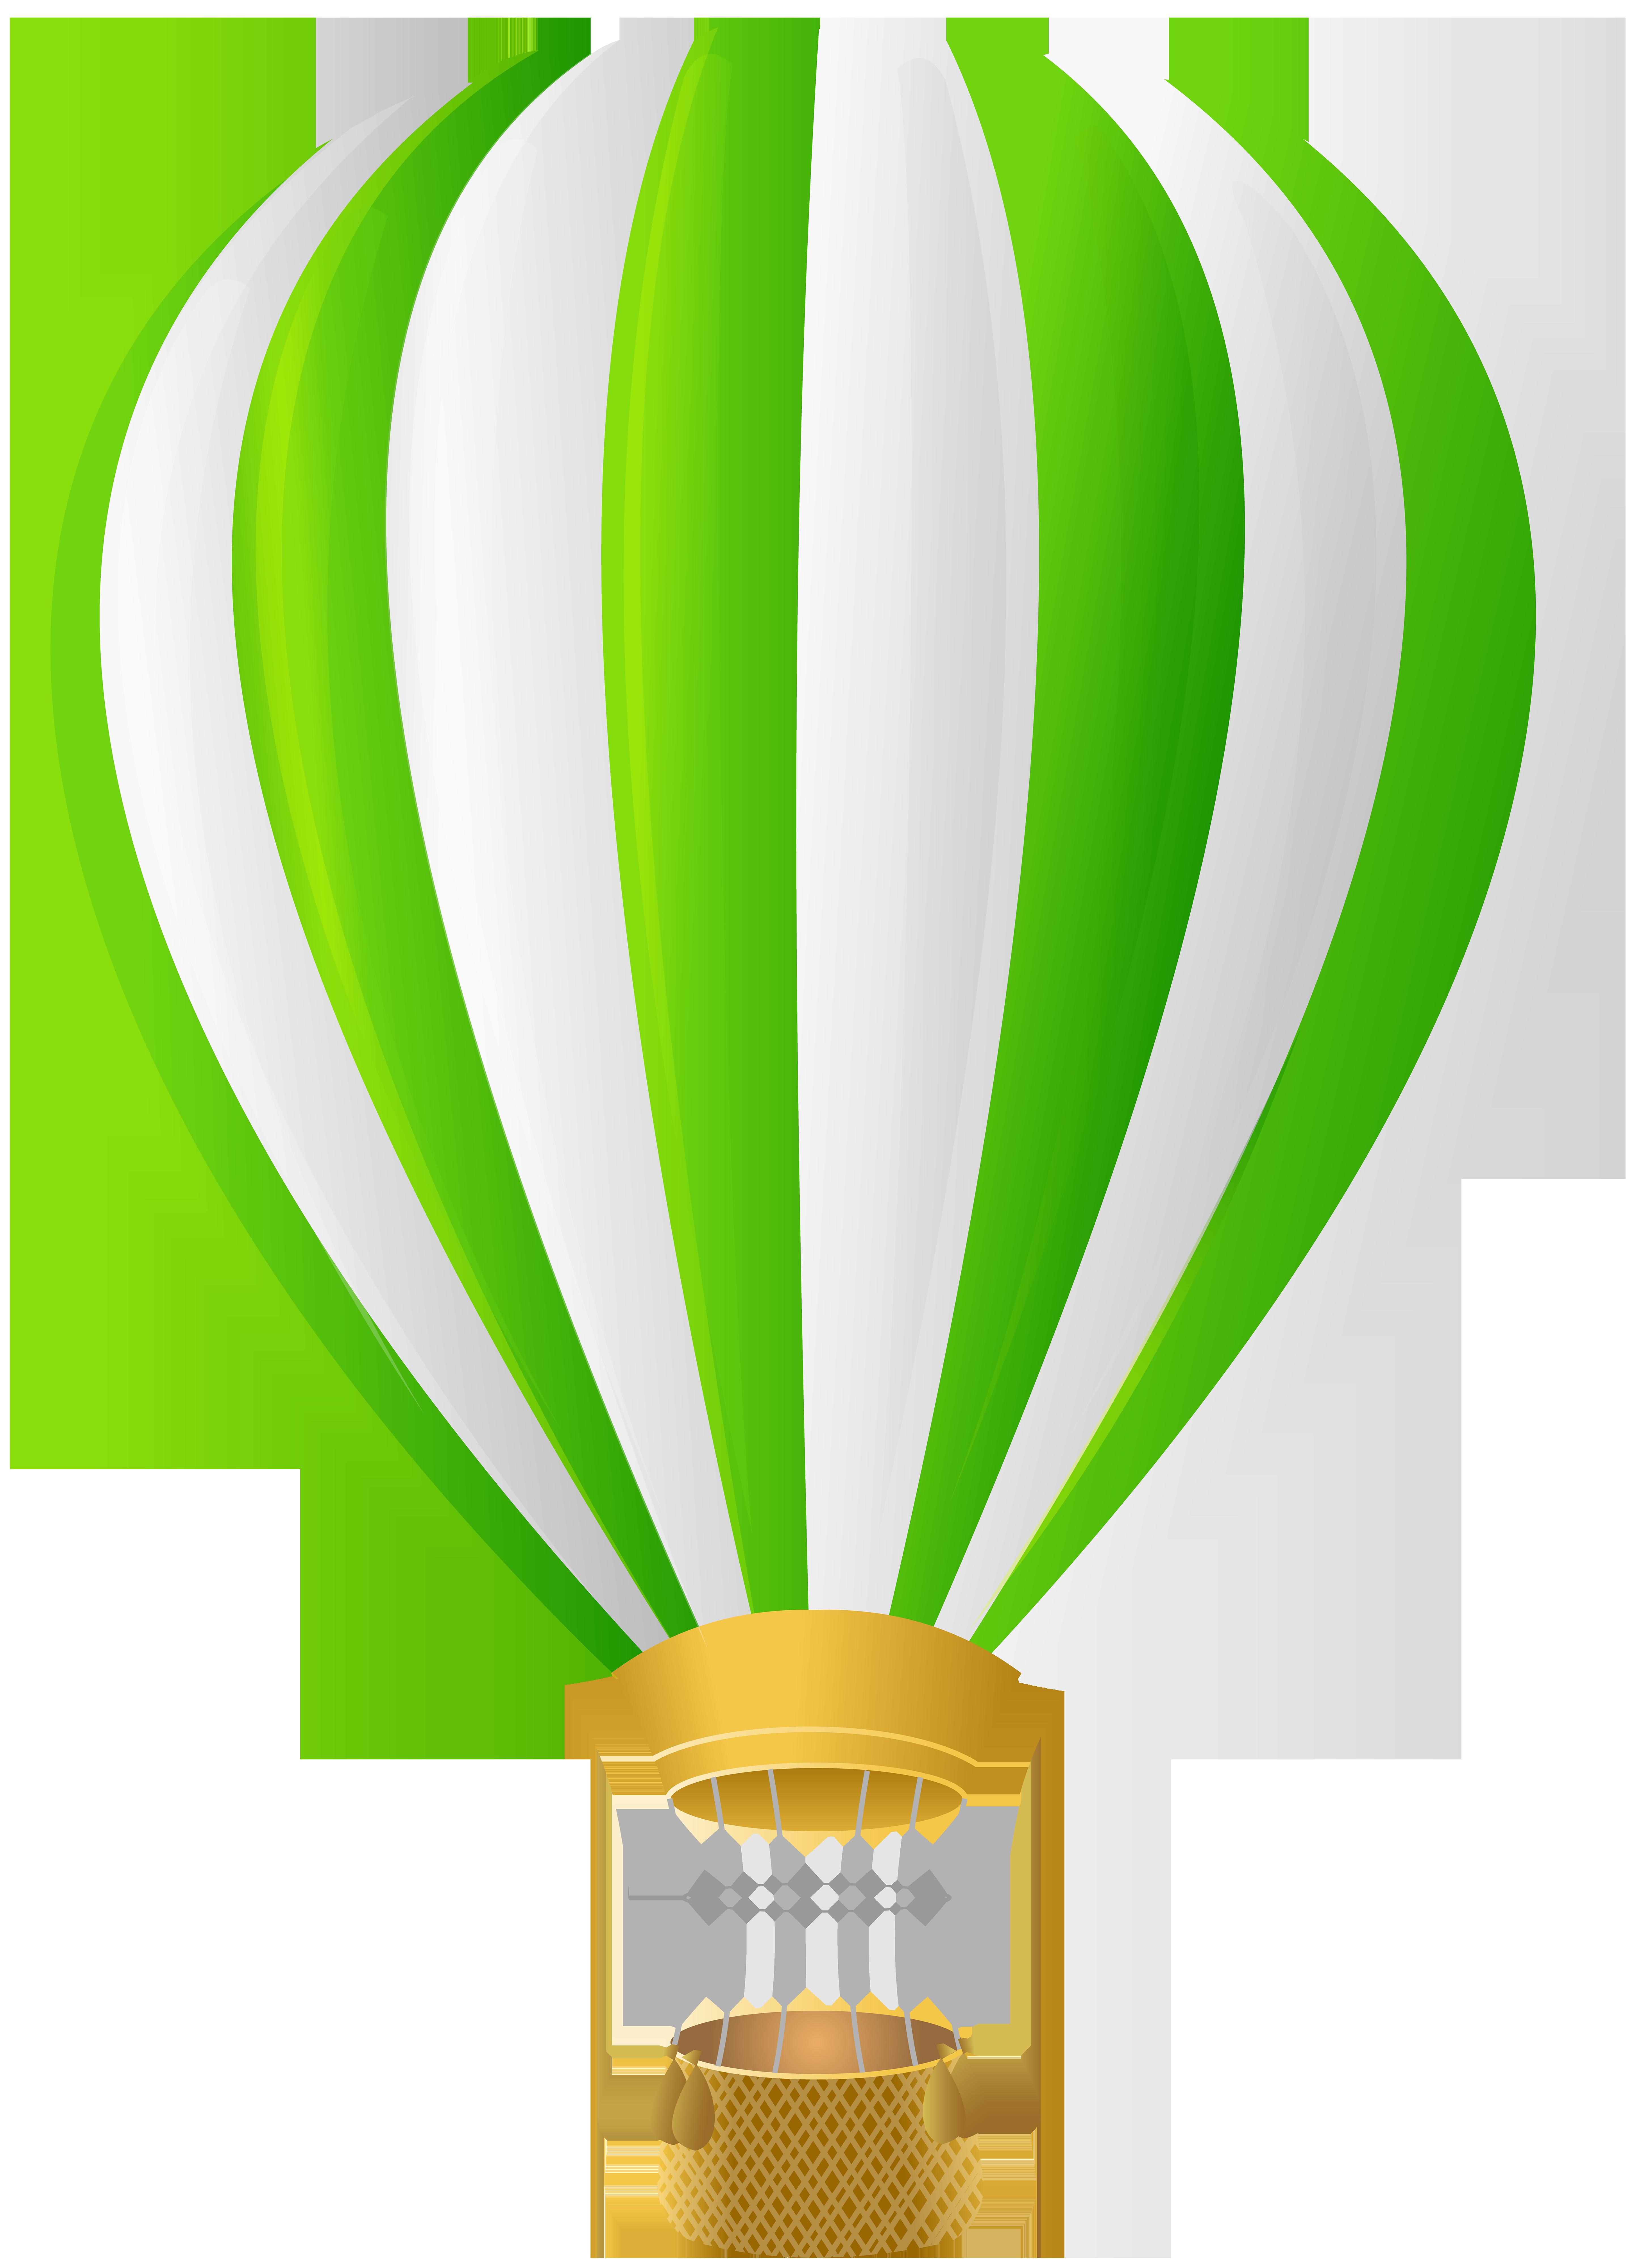 Green hot air transparent. Clipart plane balloon